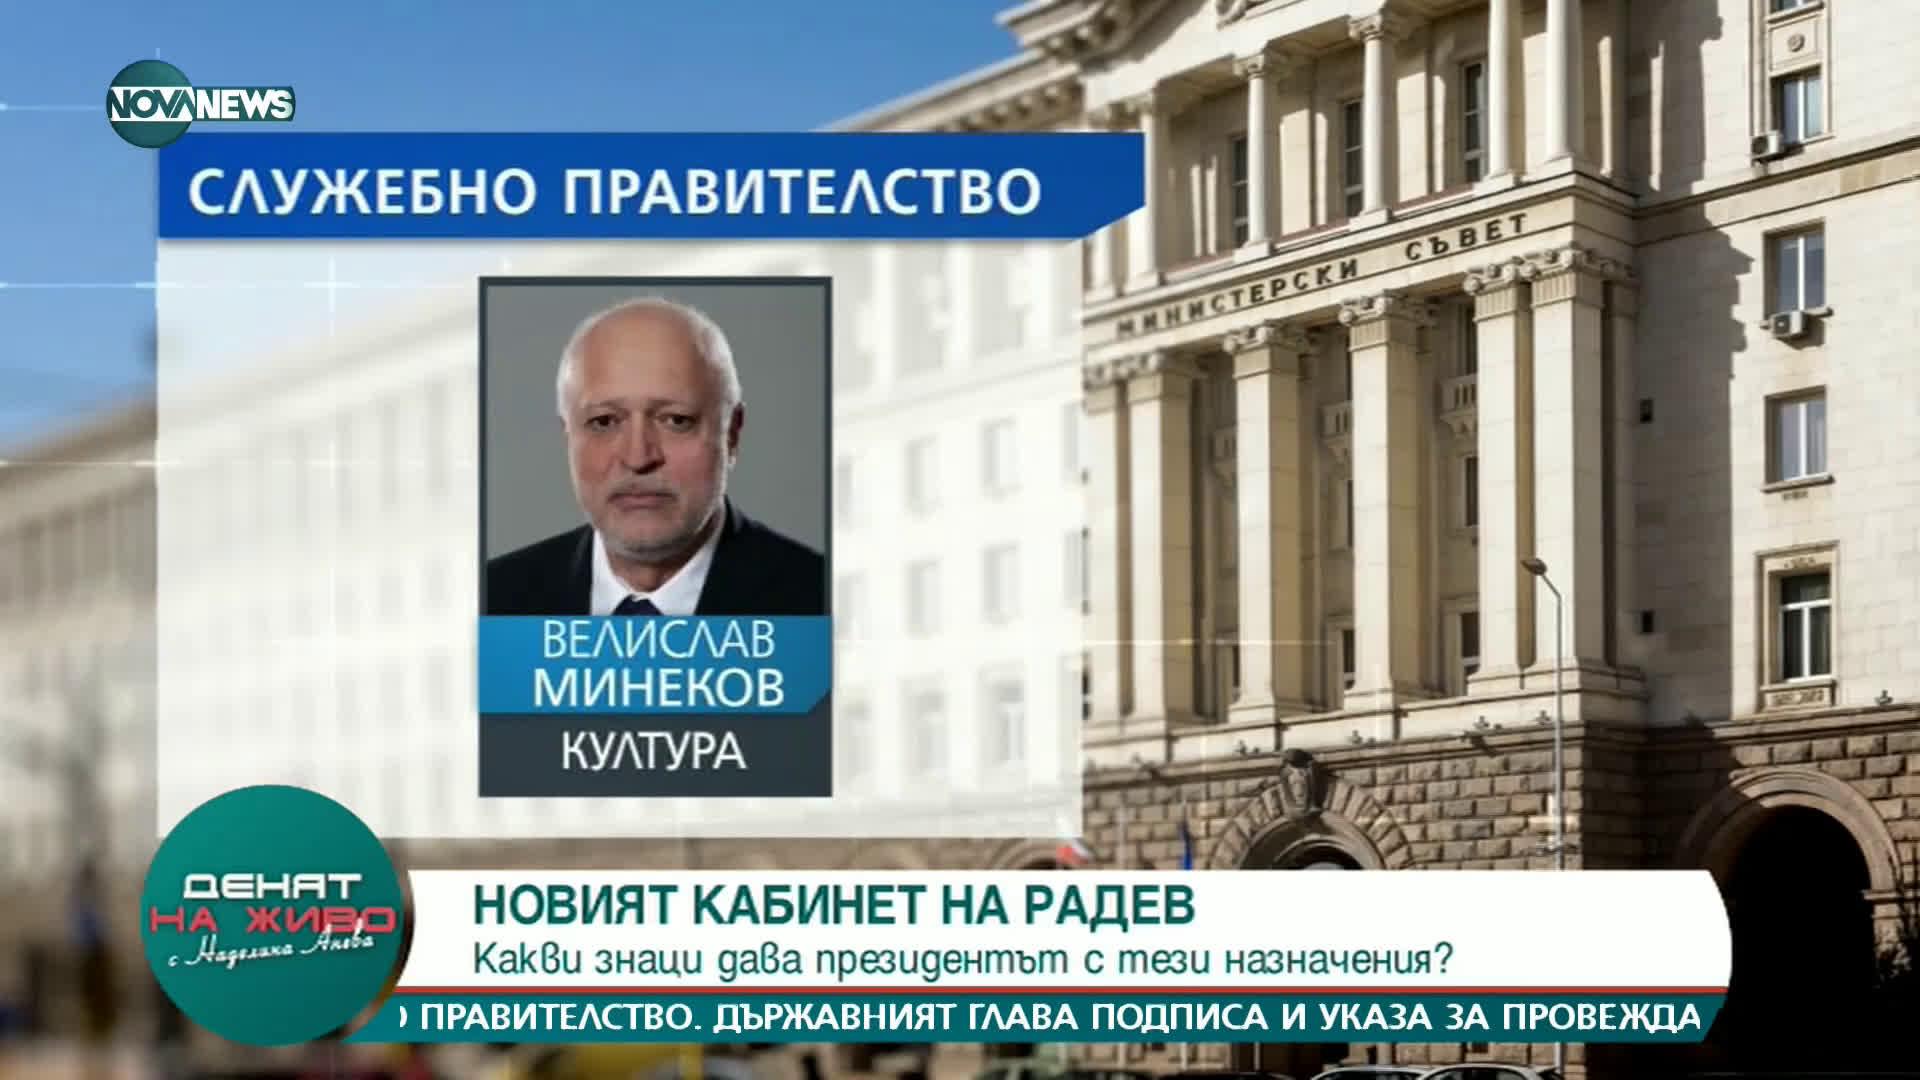 Георги Харизанов: Президентът Радев даде ясен знак кой назначава и управлява